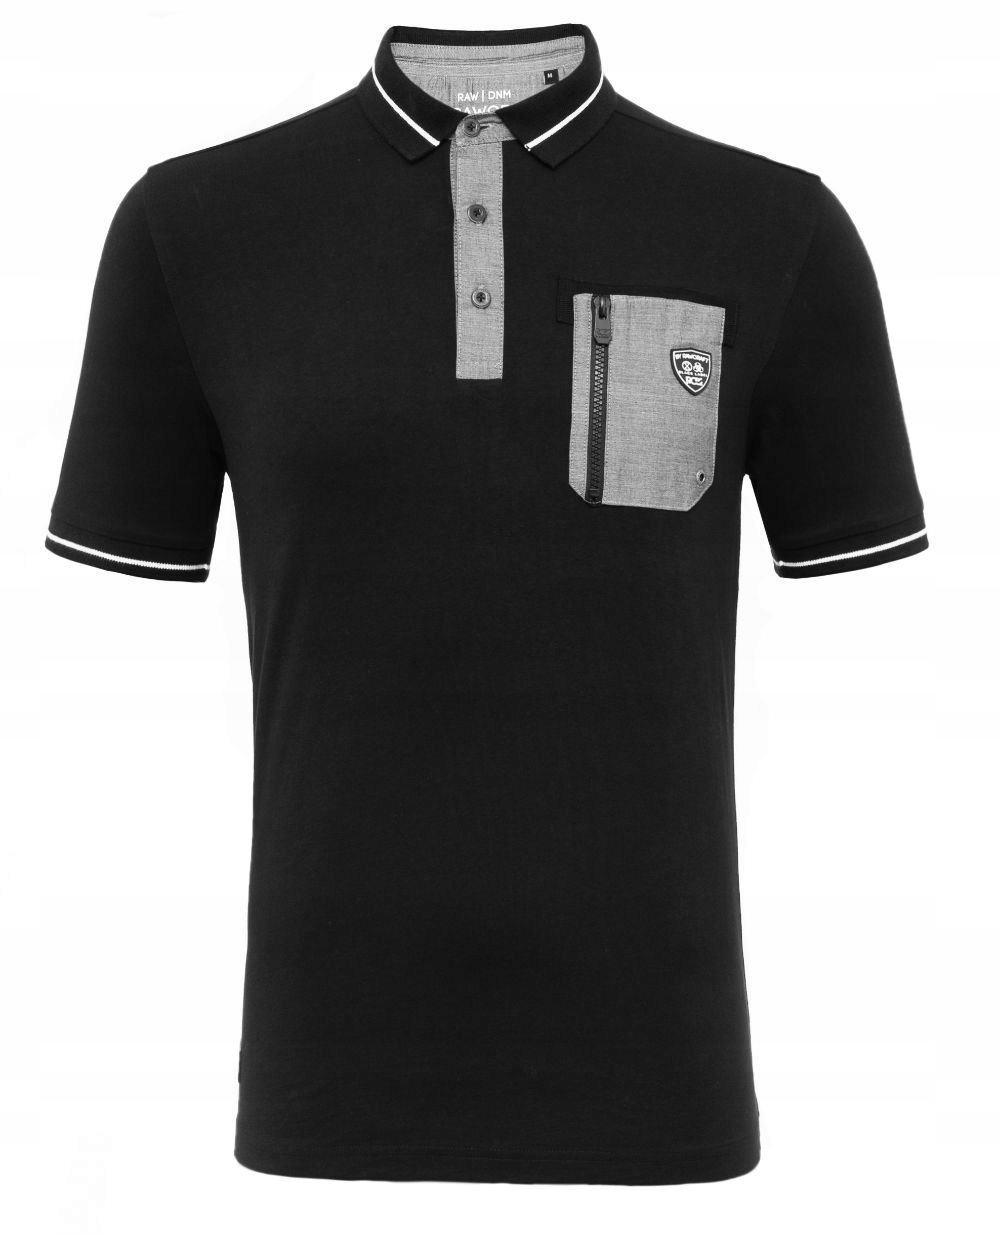 Rawcraft Hopper Duża Koszulka Polo Czarna 2XL